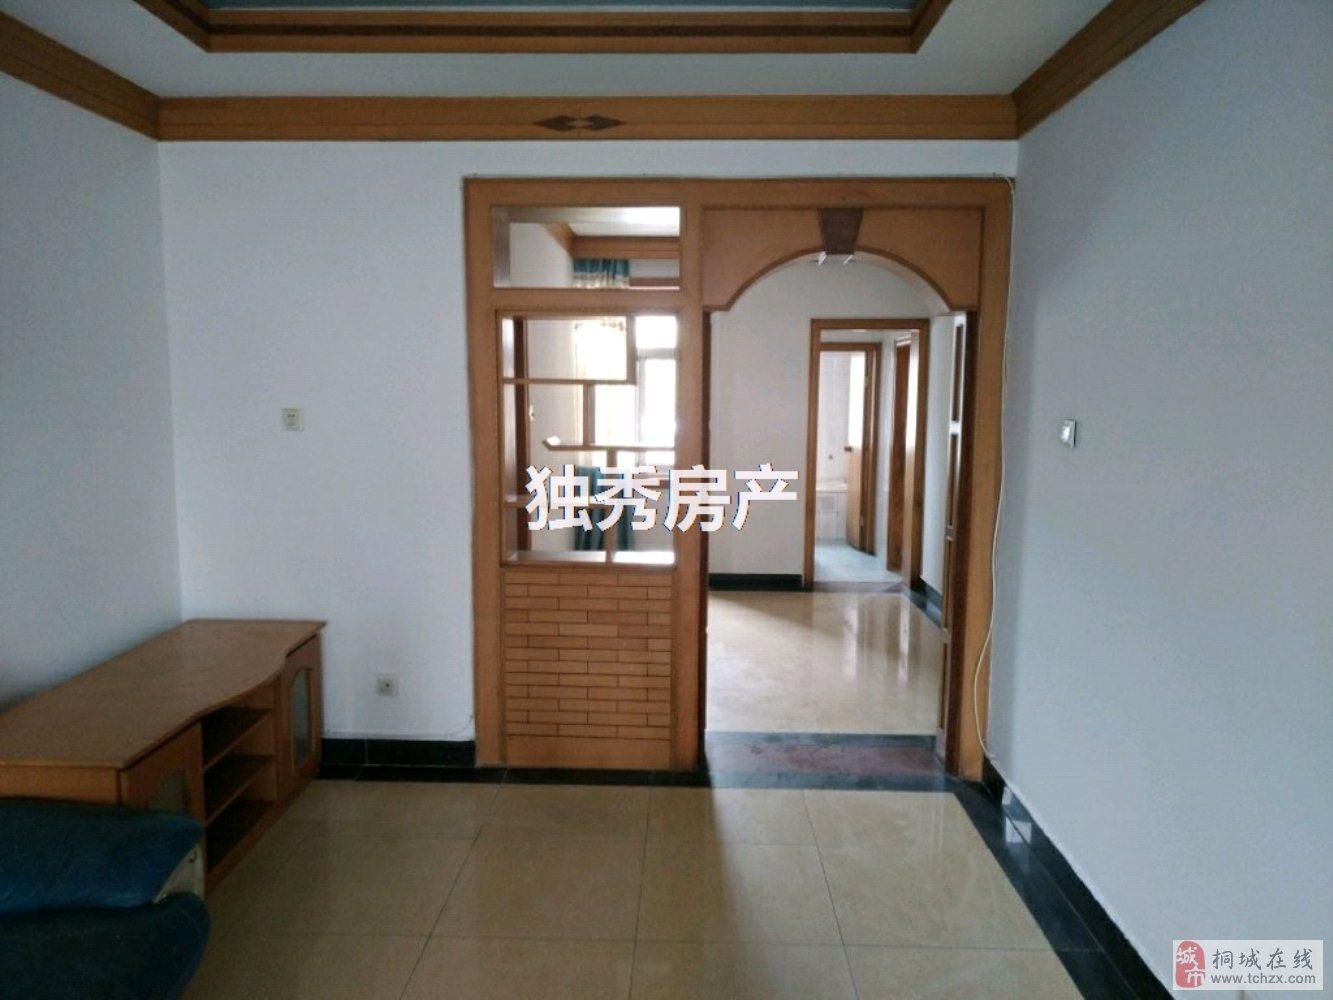 公路局宿舍楼3室2厅1卫35万元